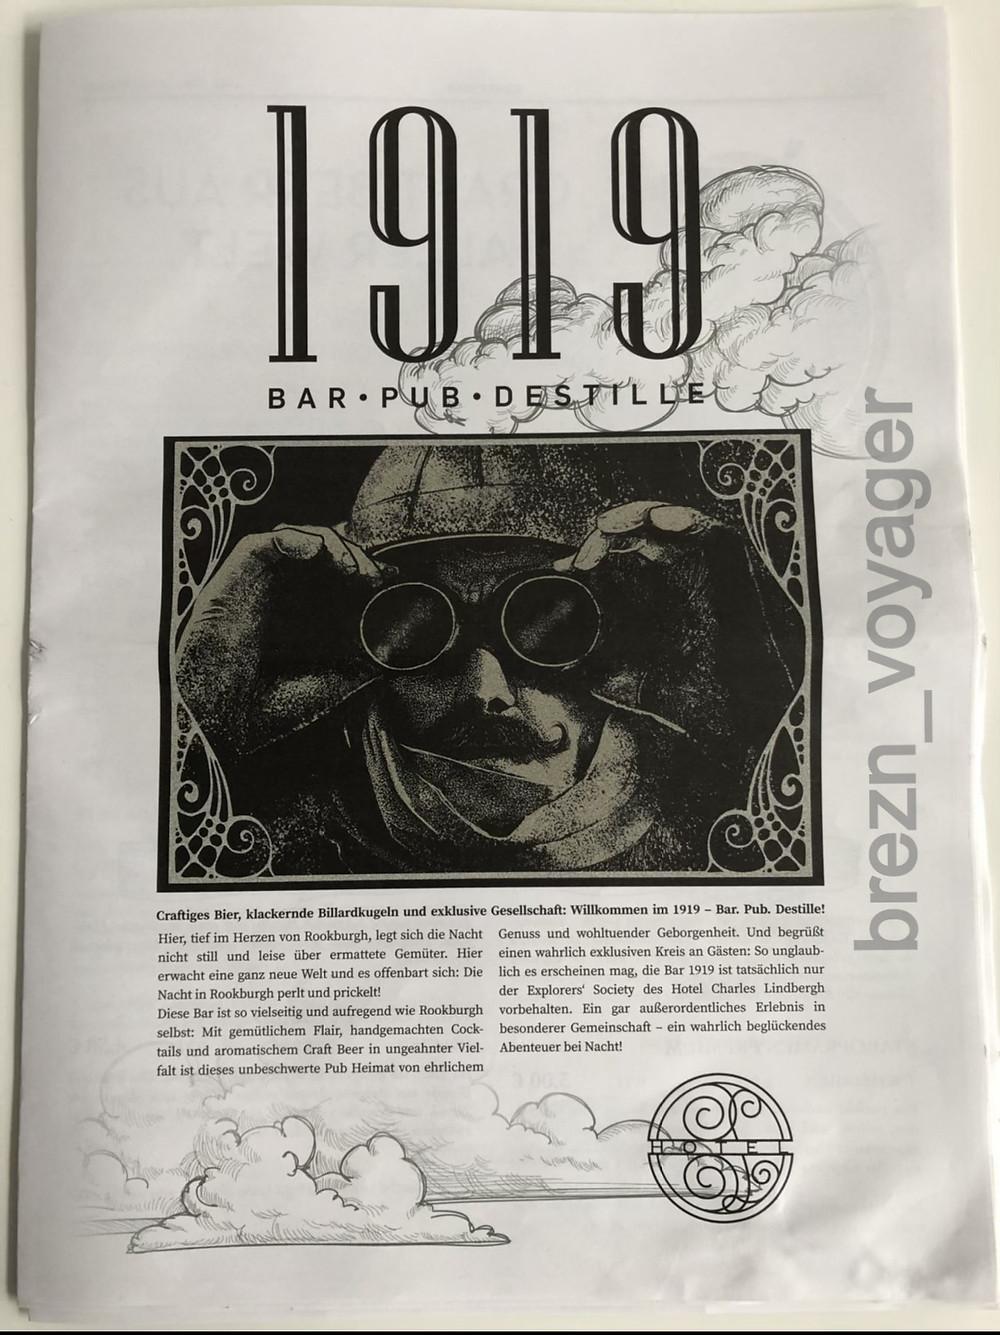 Titelblatt der Zeitung für die Bar